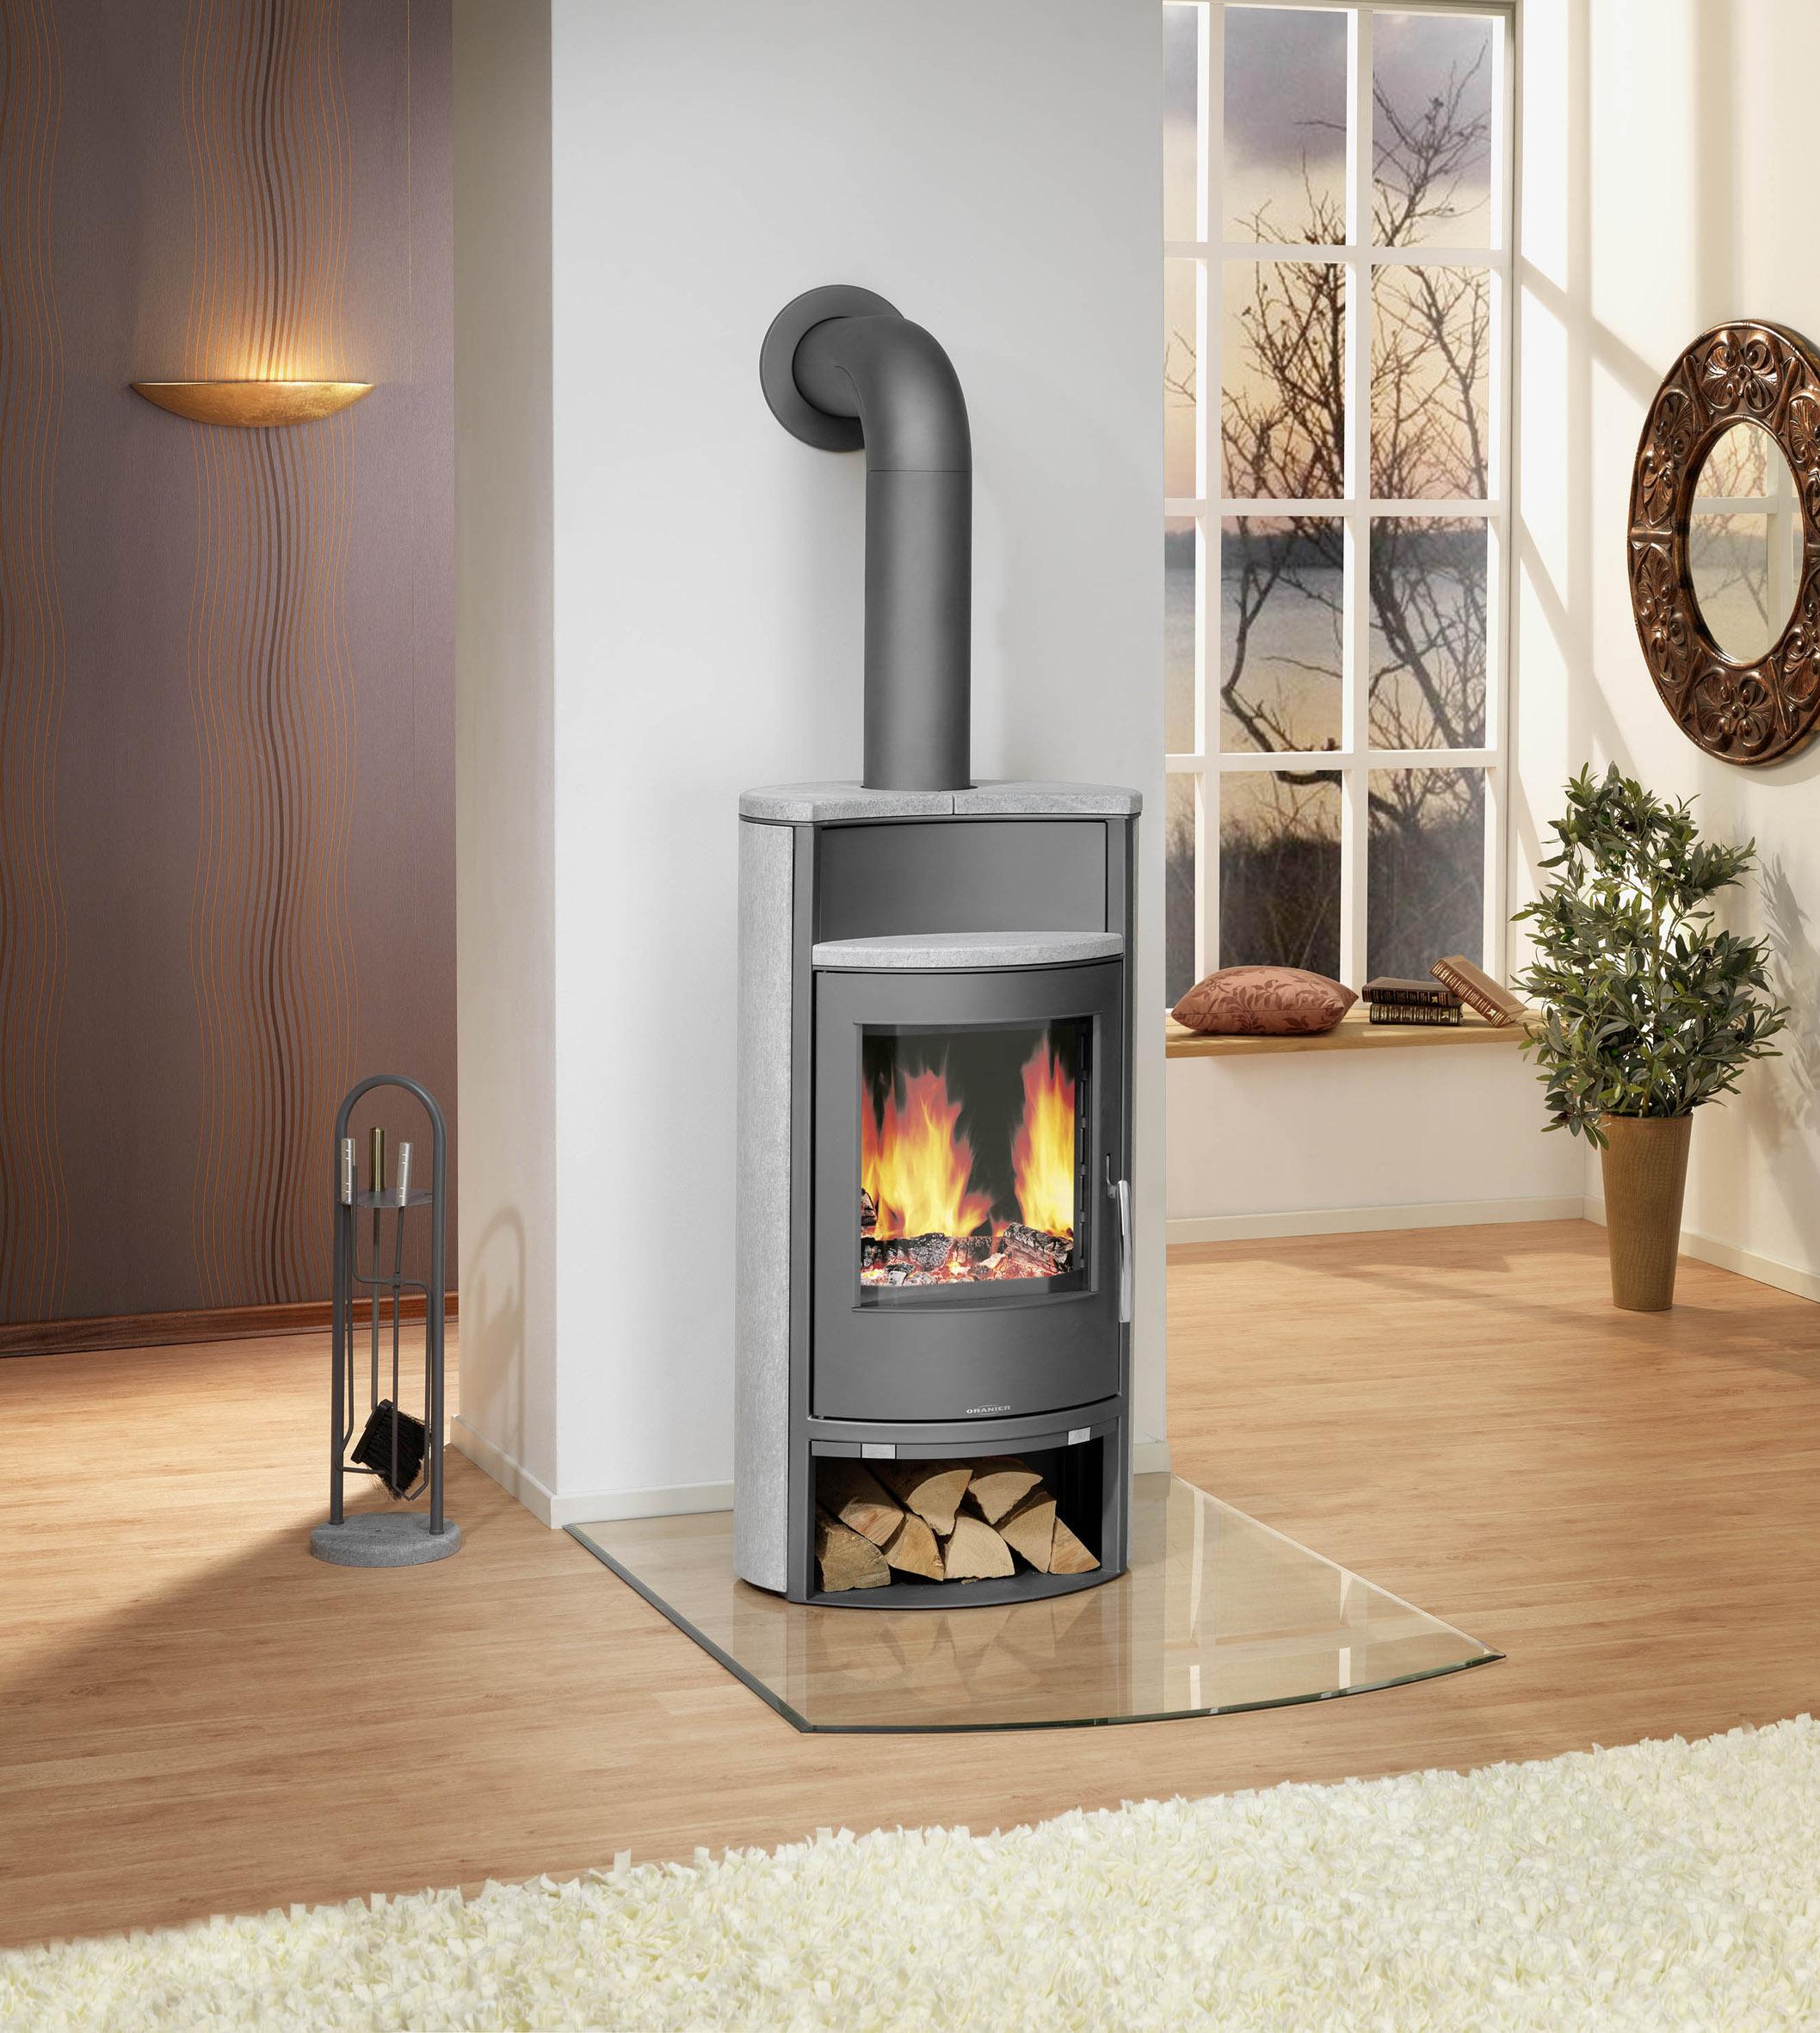 presse stahl keramik und naturstein der passende rahmen fuer das kaminfeuer. Black Bedroom Furniture Sets. Home Design Ideas